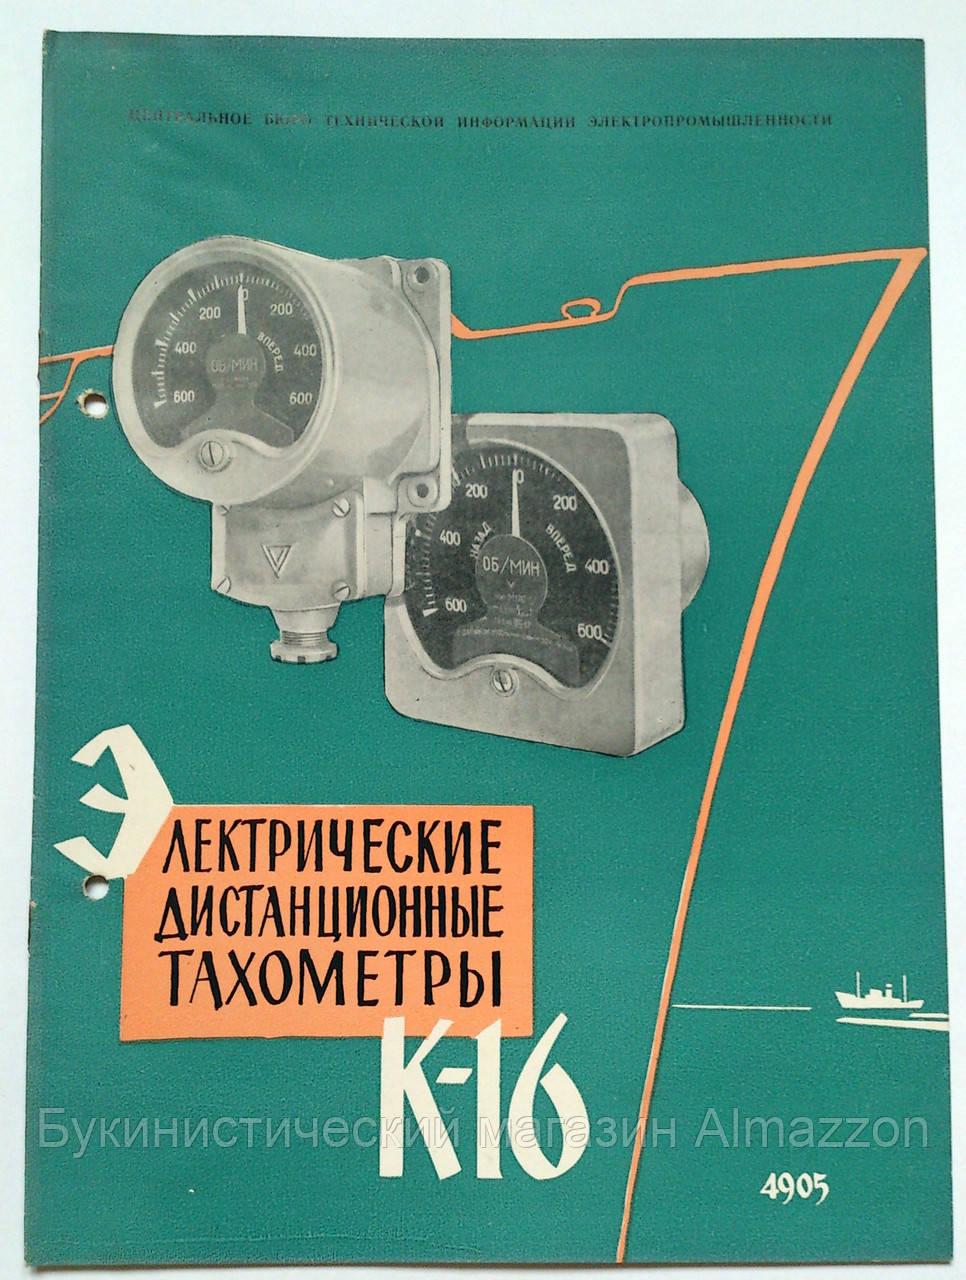 """Журнал (Бюллетень) """"Электрические дистанционные тахометры К-16"""" 1959 год"""